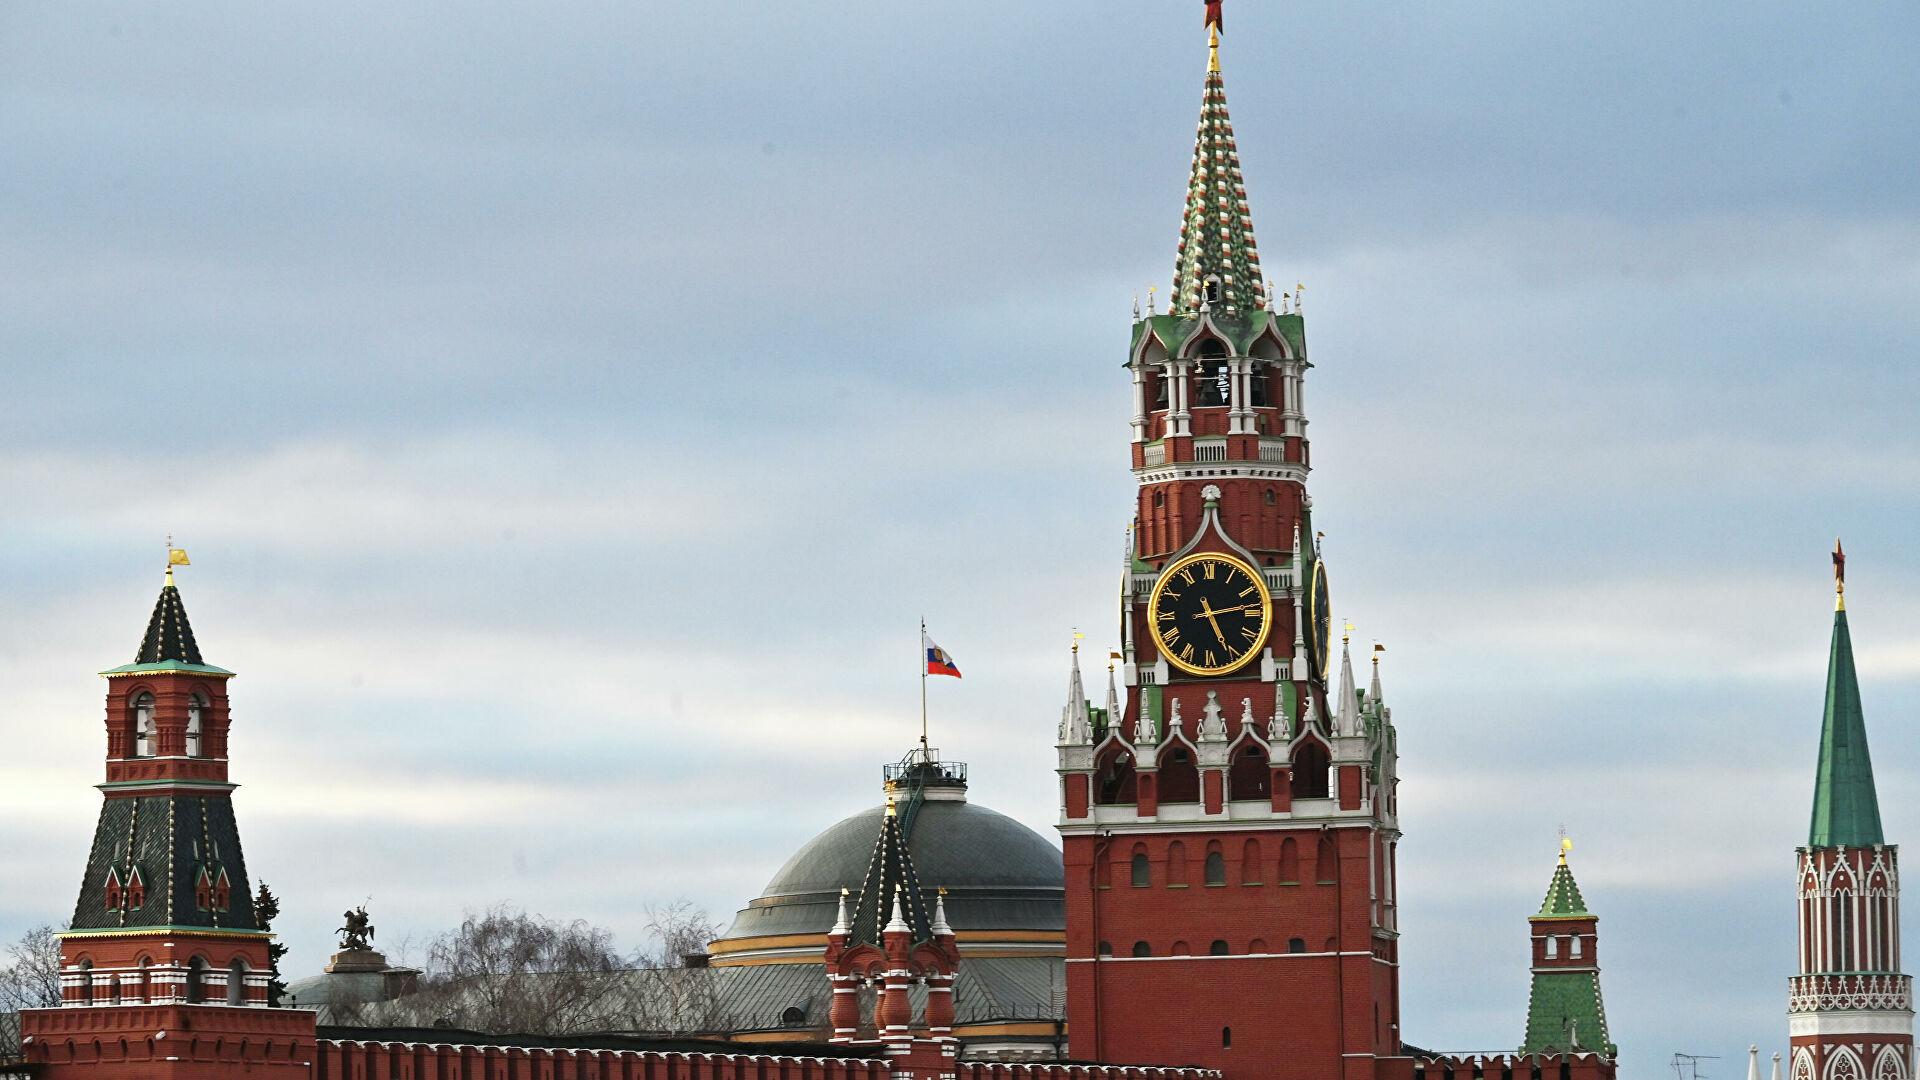 Русија ће и у будућности на америчке санкције одговарати реципрочним мерама